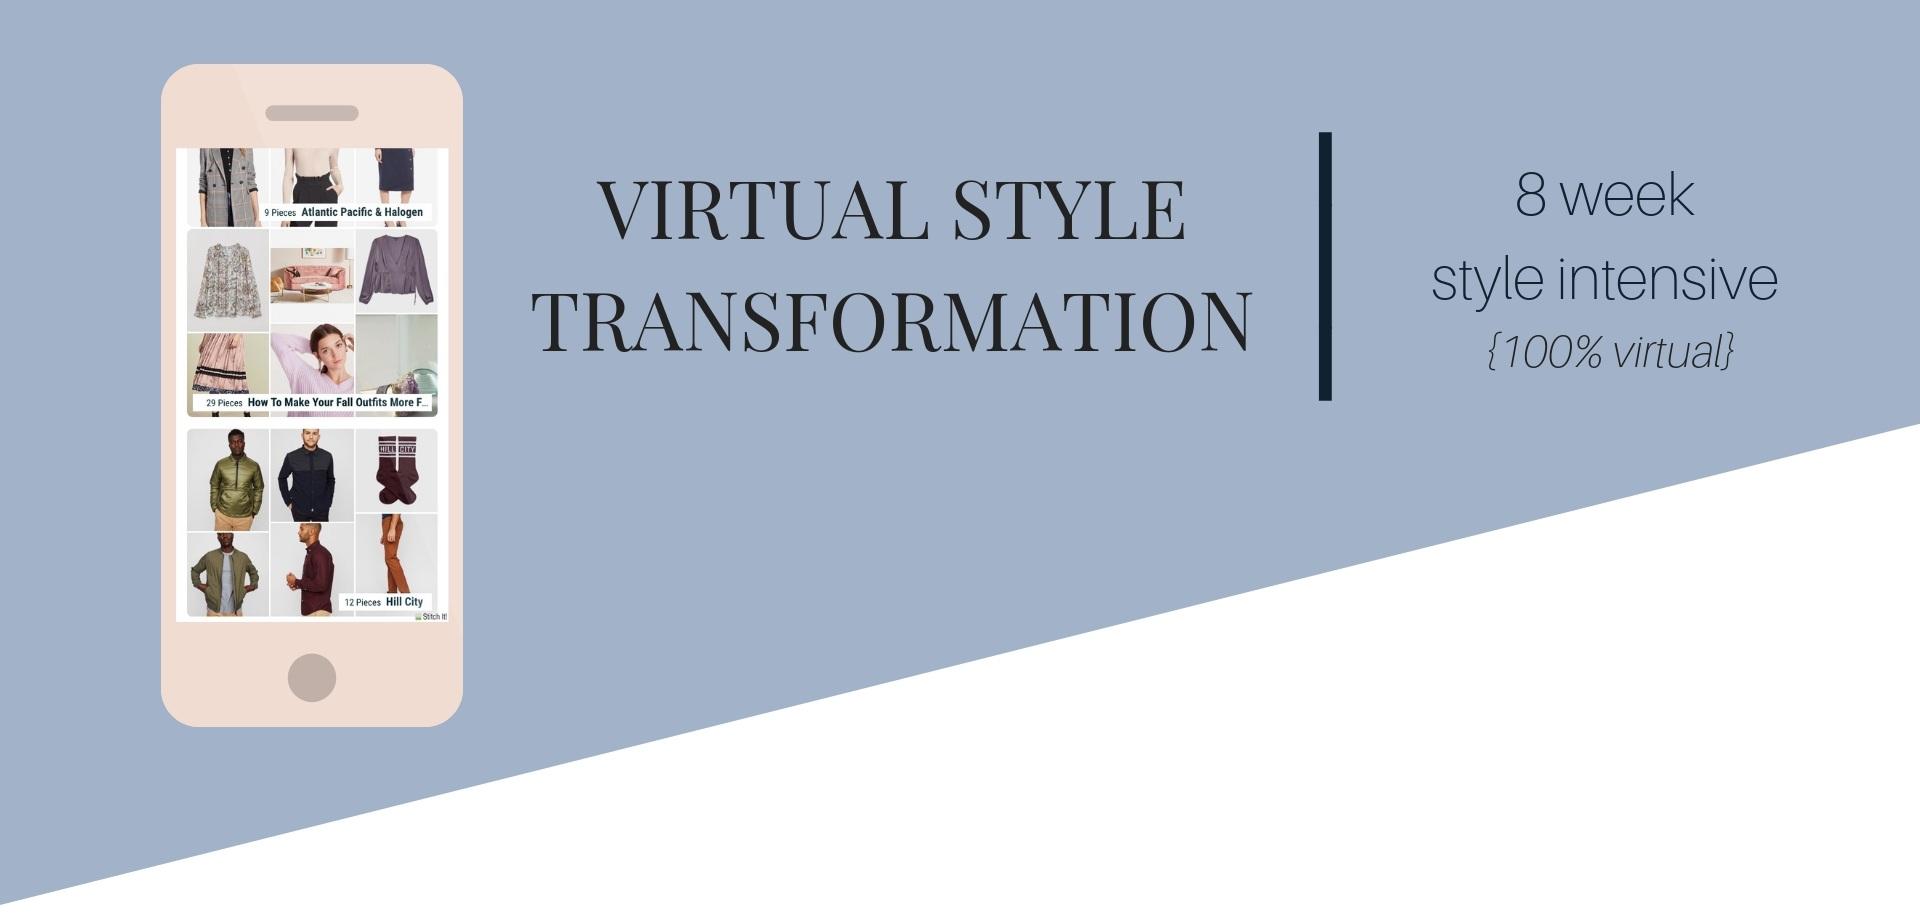 virtual-style-transformation-allie-brandwein-nyc-stylist.jpg